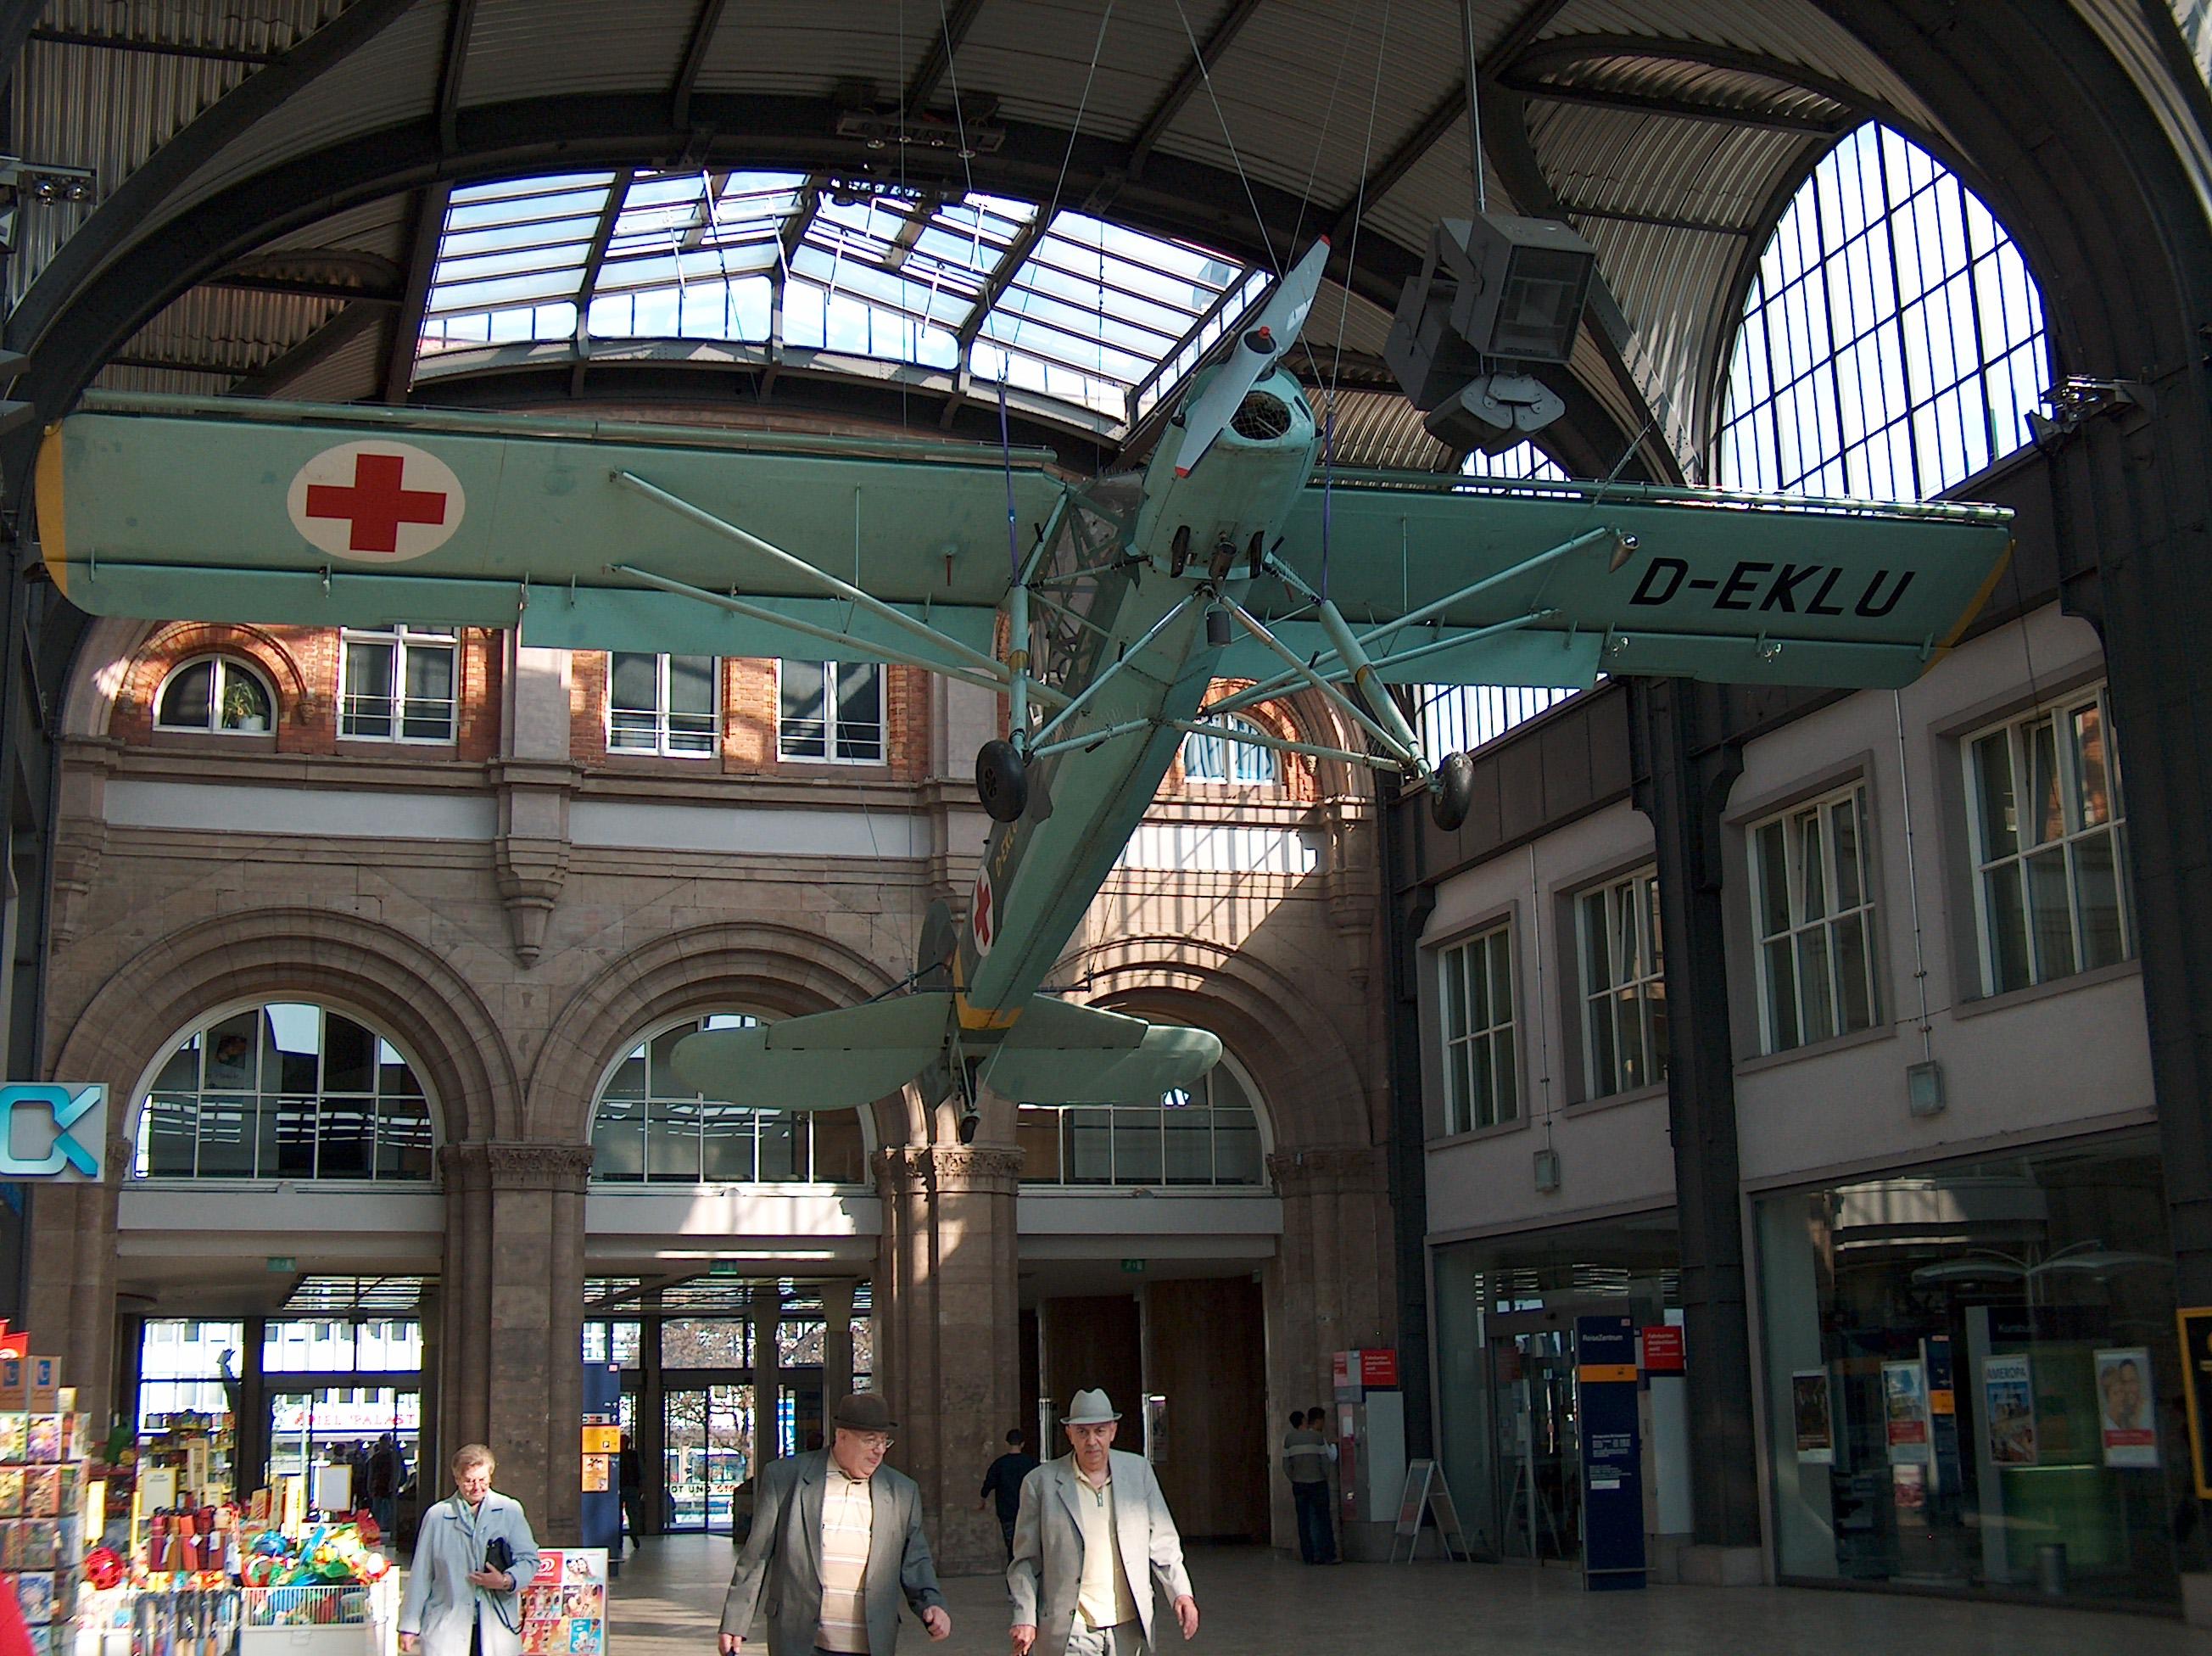 050423 Kulturbahnhof Fieseler Storch